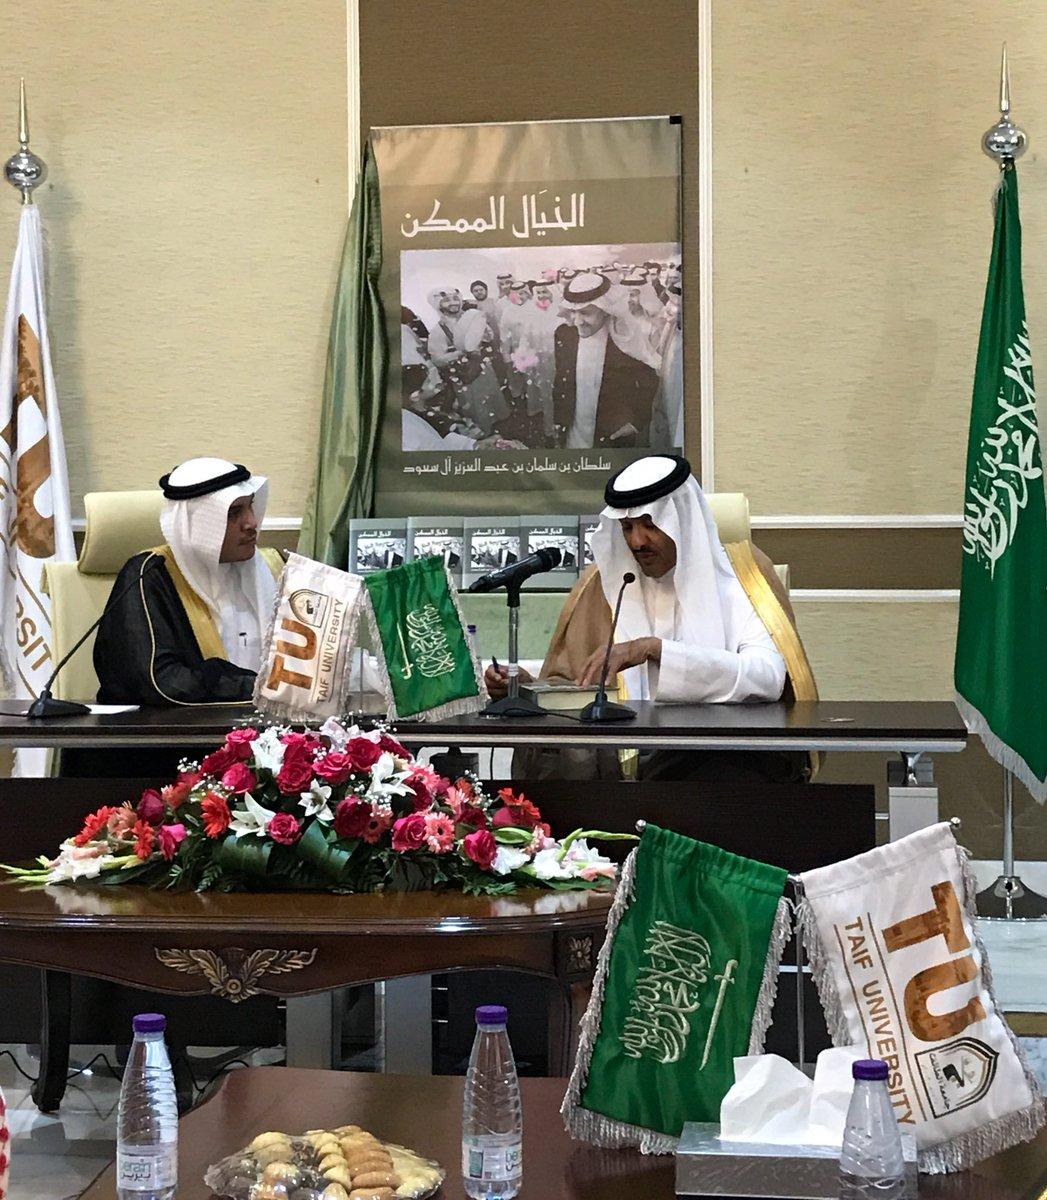 بحضور مسئولين ومثقفين وقادة الرأي العام:- سلطان بن سلمان يطلق كتاب الخ...